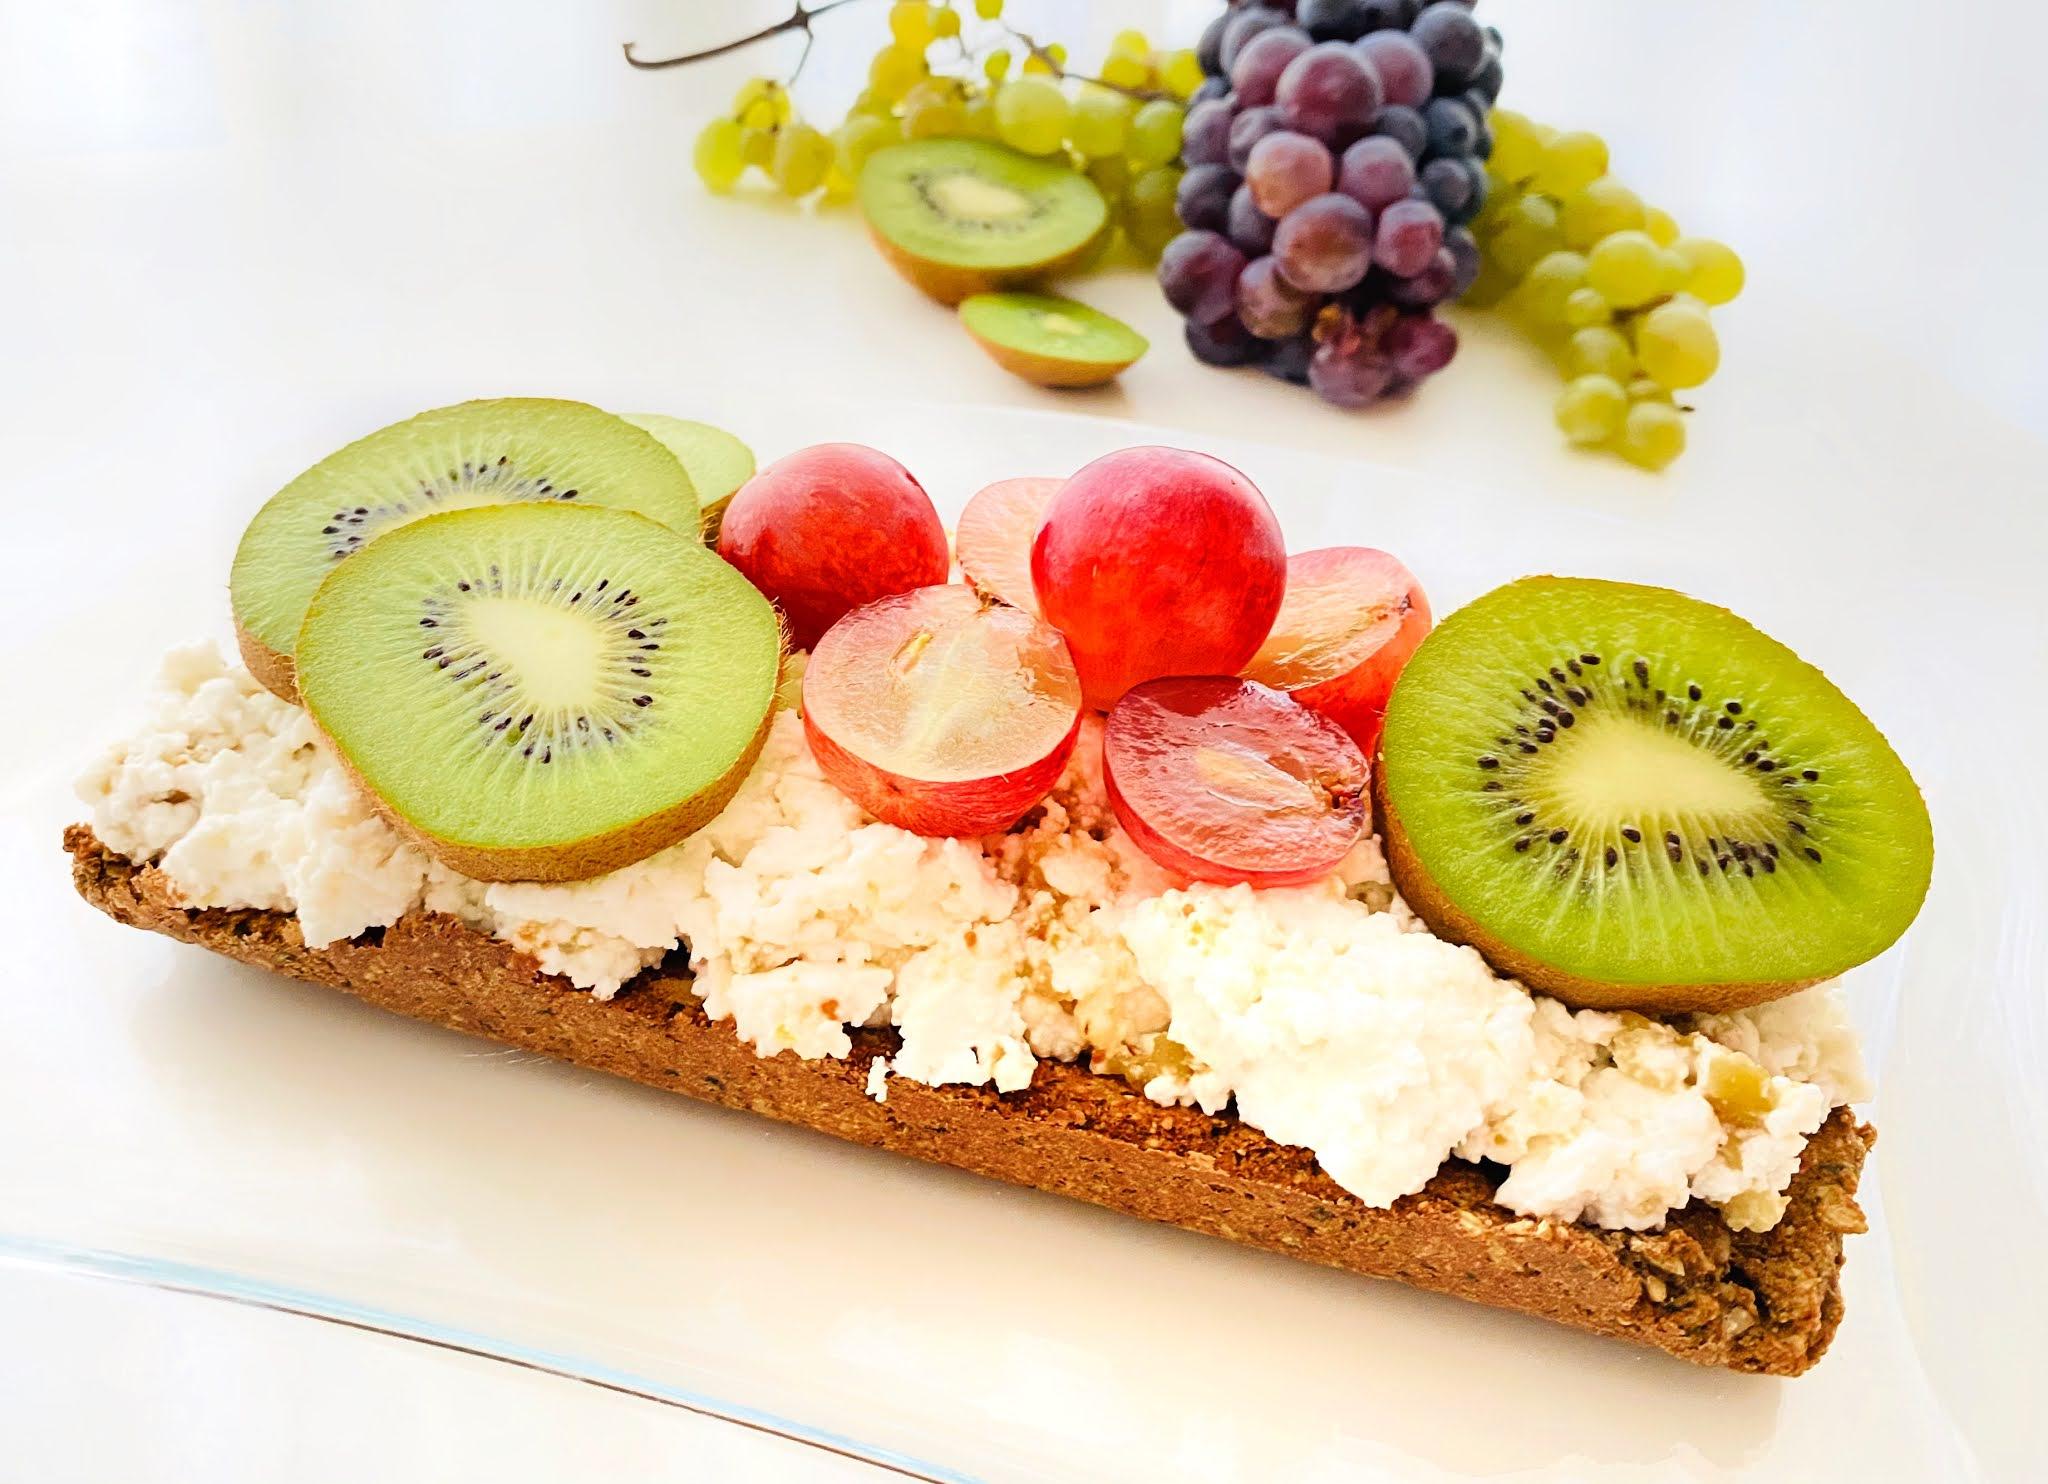 Snack de requeijão e frutas